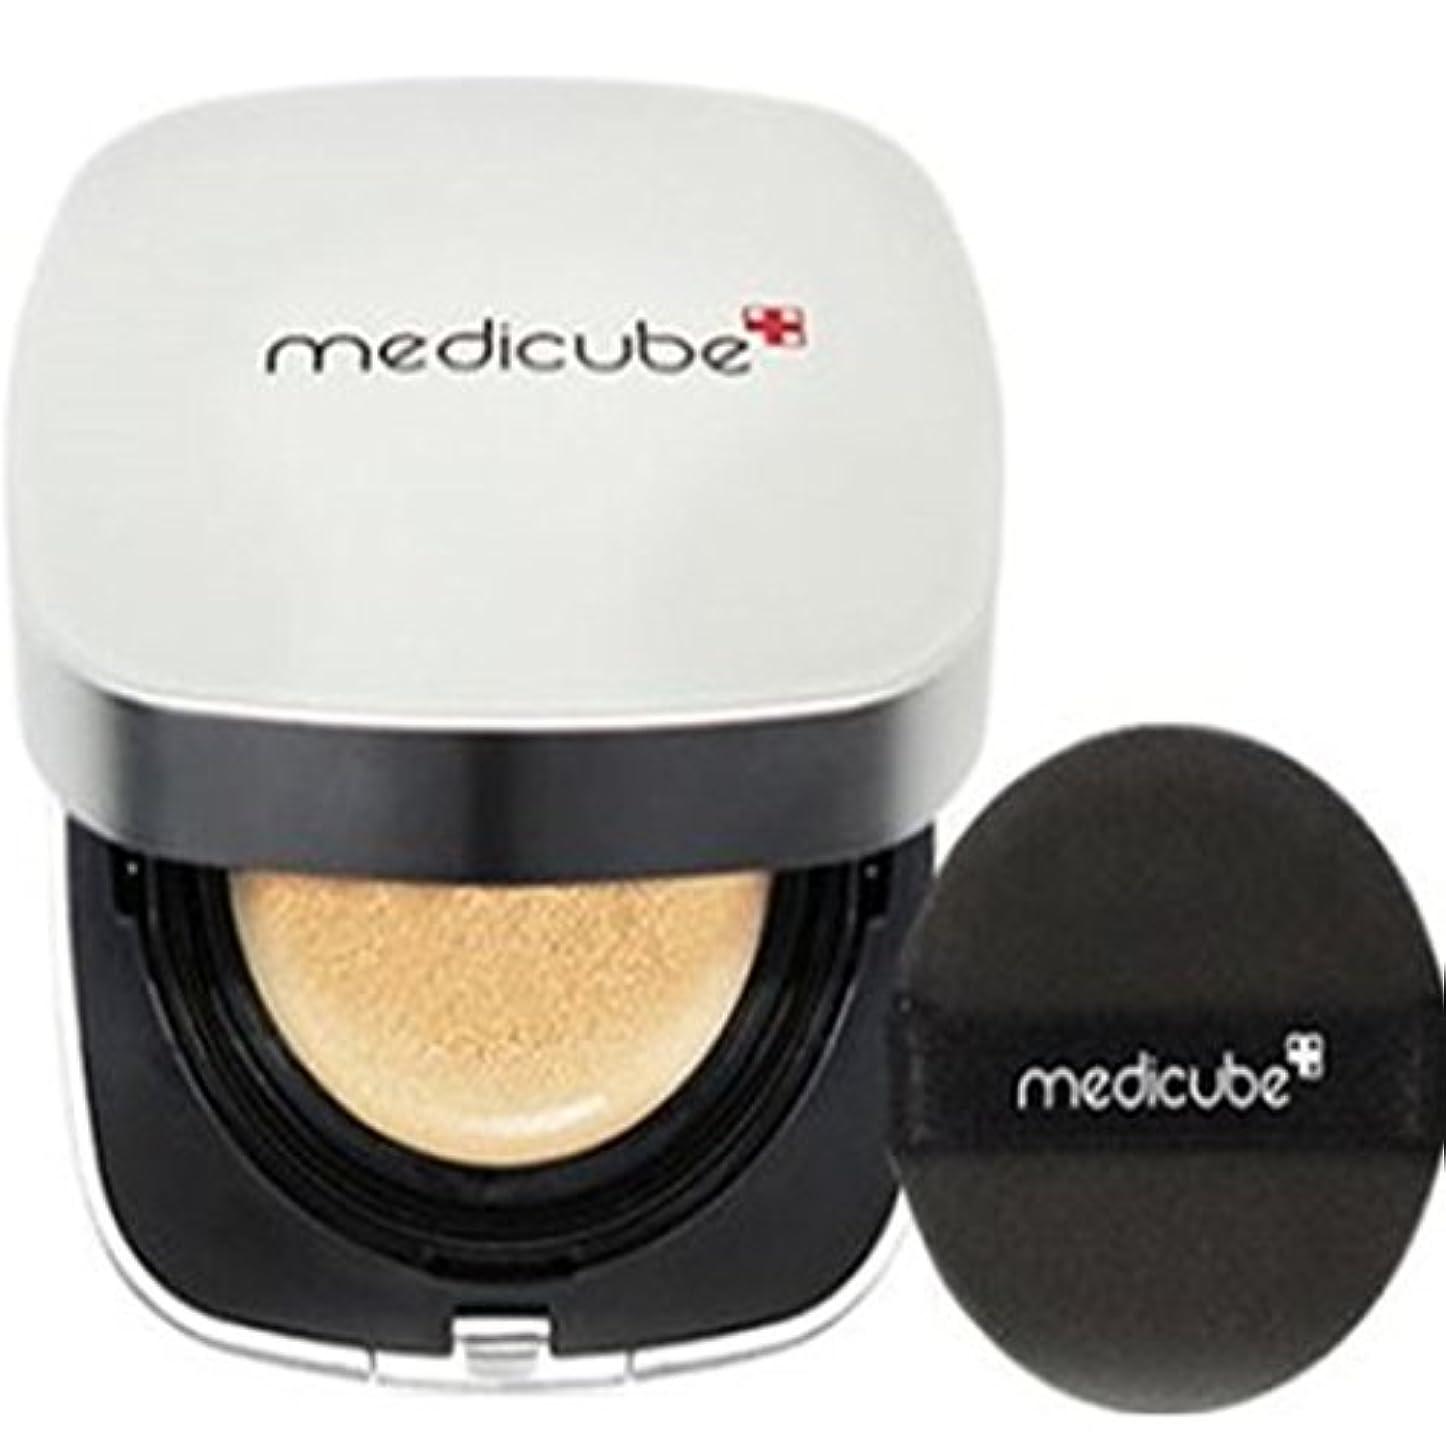 マリンアクチュエータ料理[Medicube メディキューブ] レッドクッション - シェード23号ナチュラルベージュ / Red Cushion - Shade 23 Natural Beige [並行輸入品]